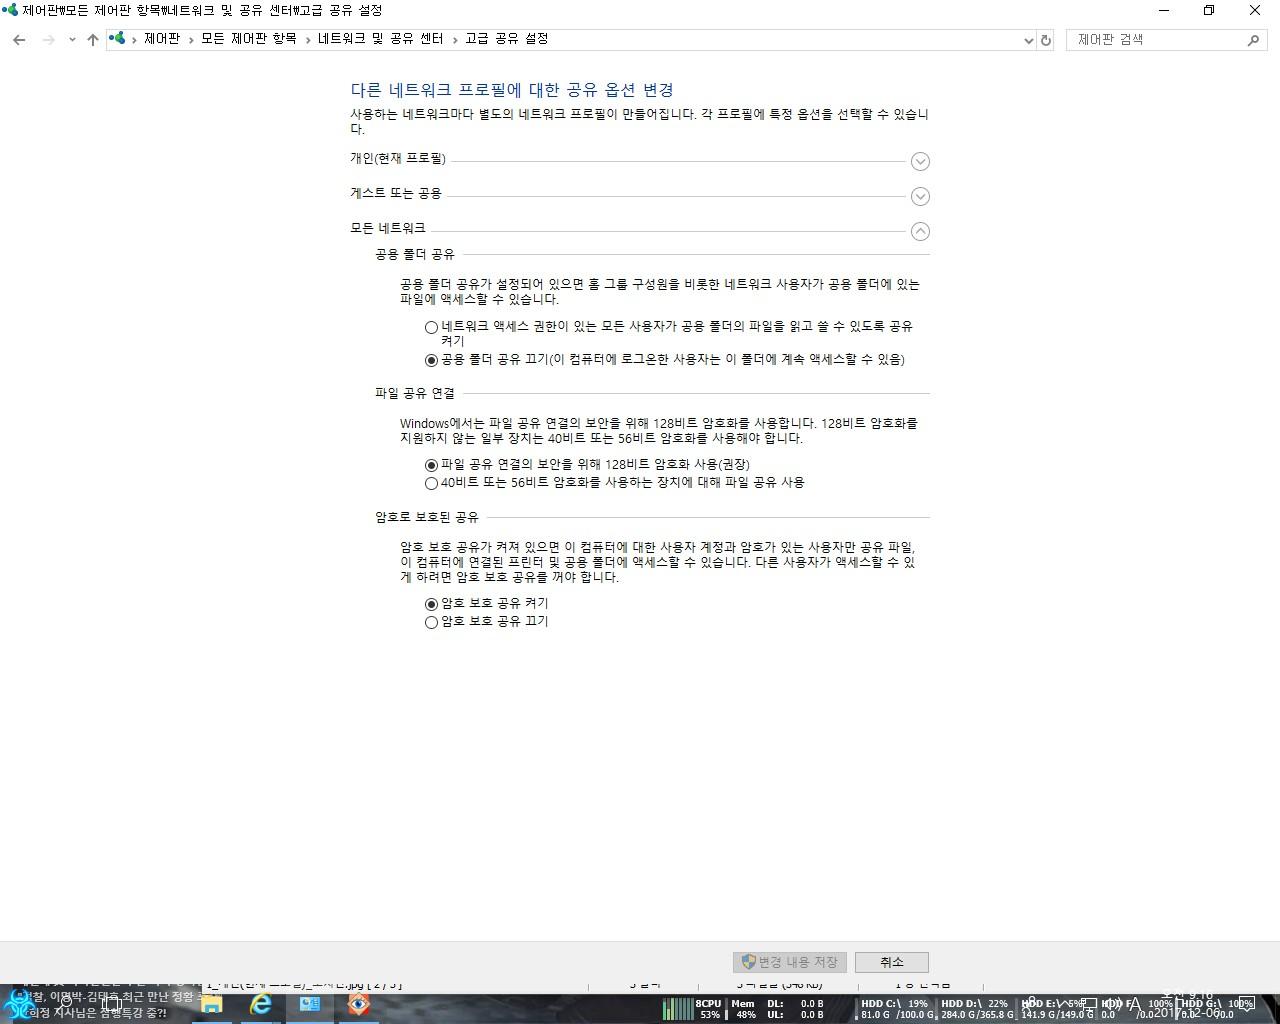 3_모든 네트워크_조치전.jpg